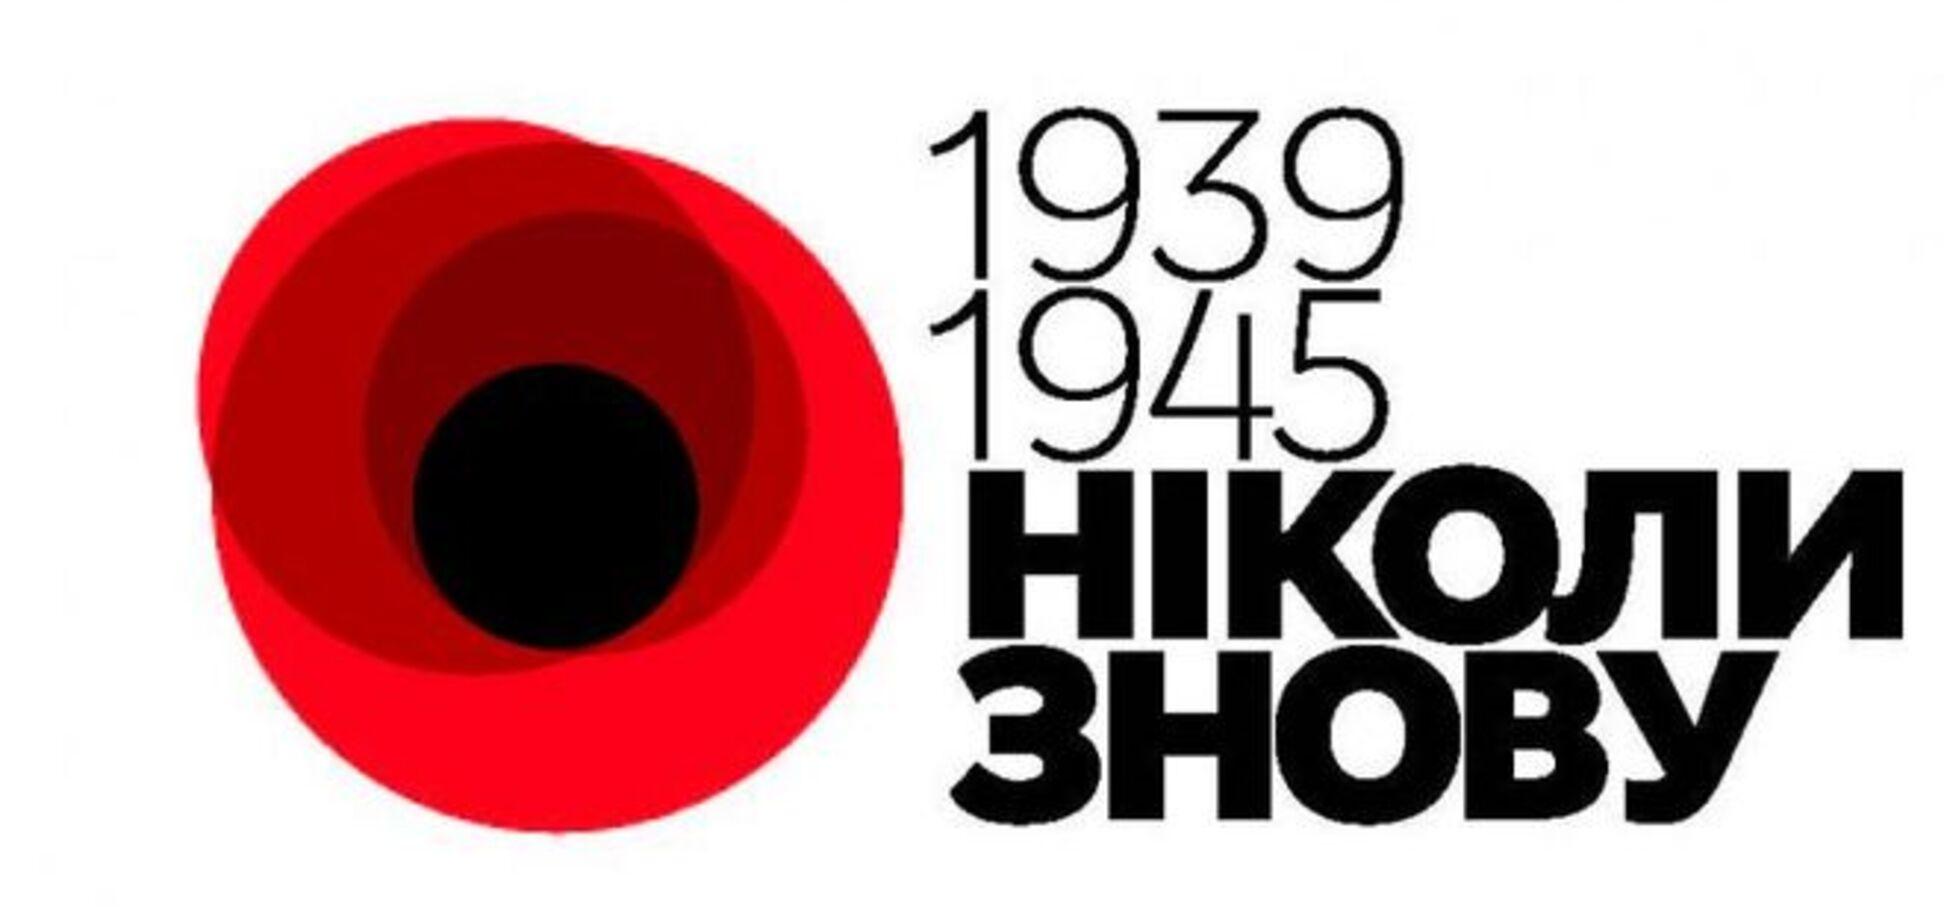 Рада отменила советский День Победы в пользу Дня победы над нацизмом